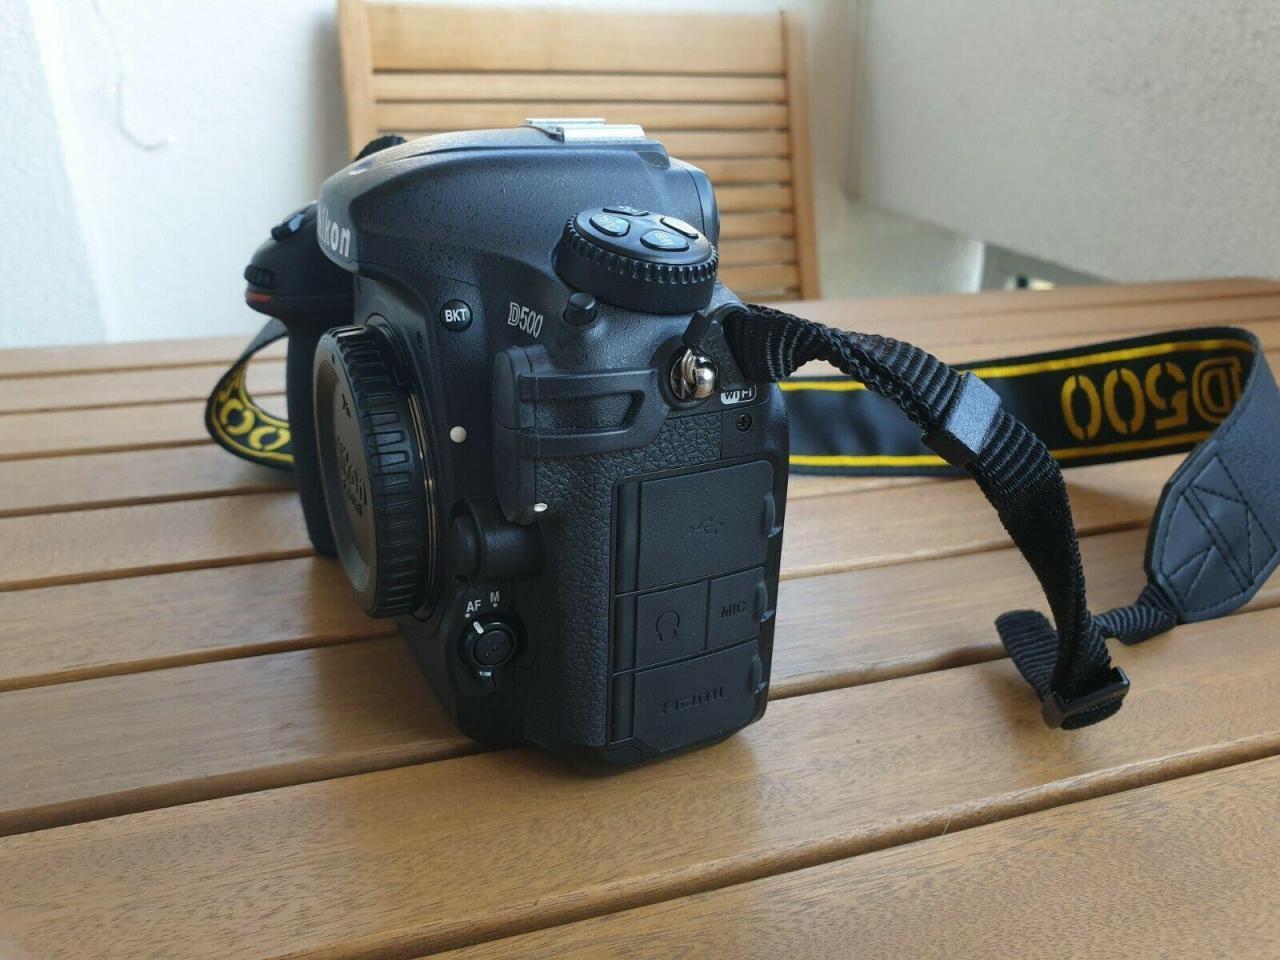 Nikon D500 камера в идеальном состоянии для продажи - 3